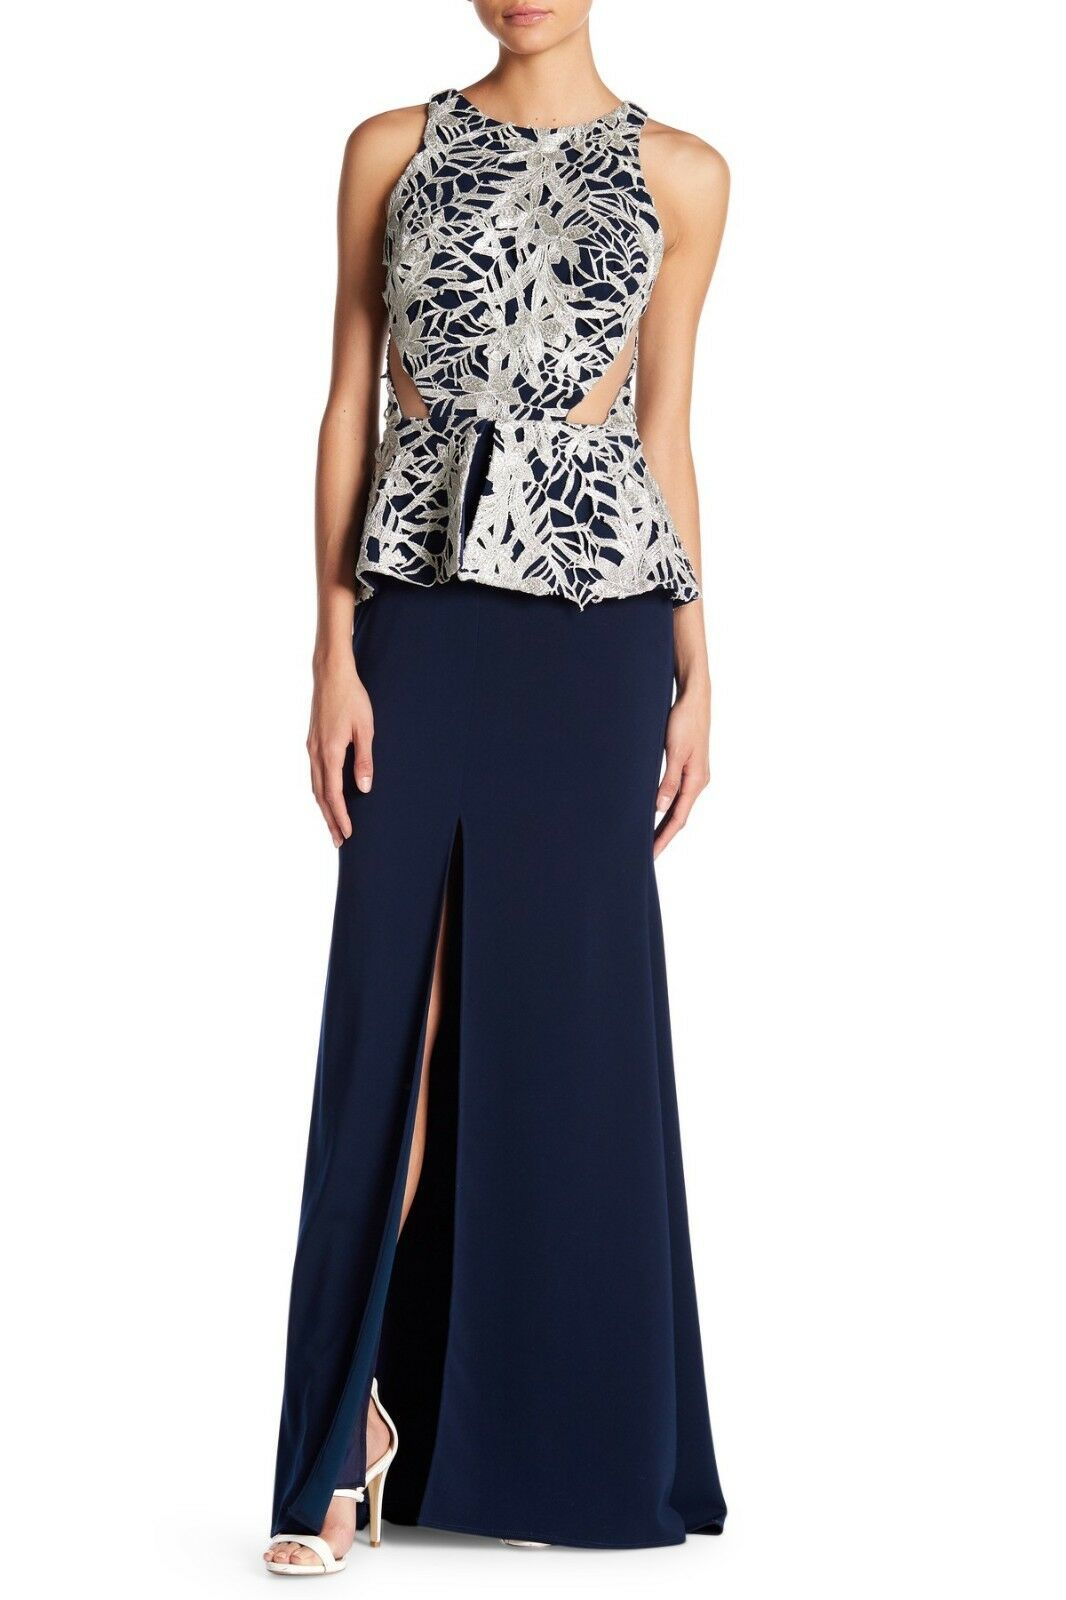 Nicole Bakti Sleeveless Embellished Dress (size 10)